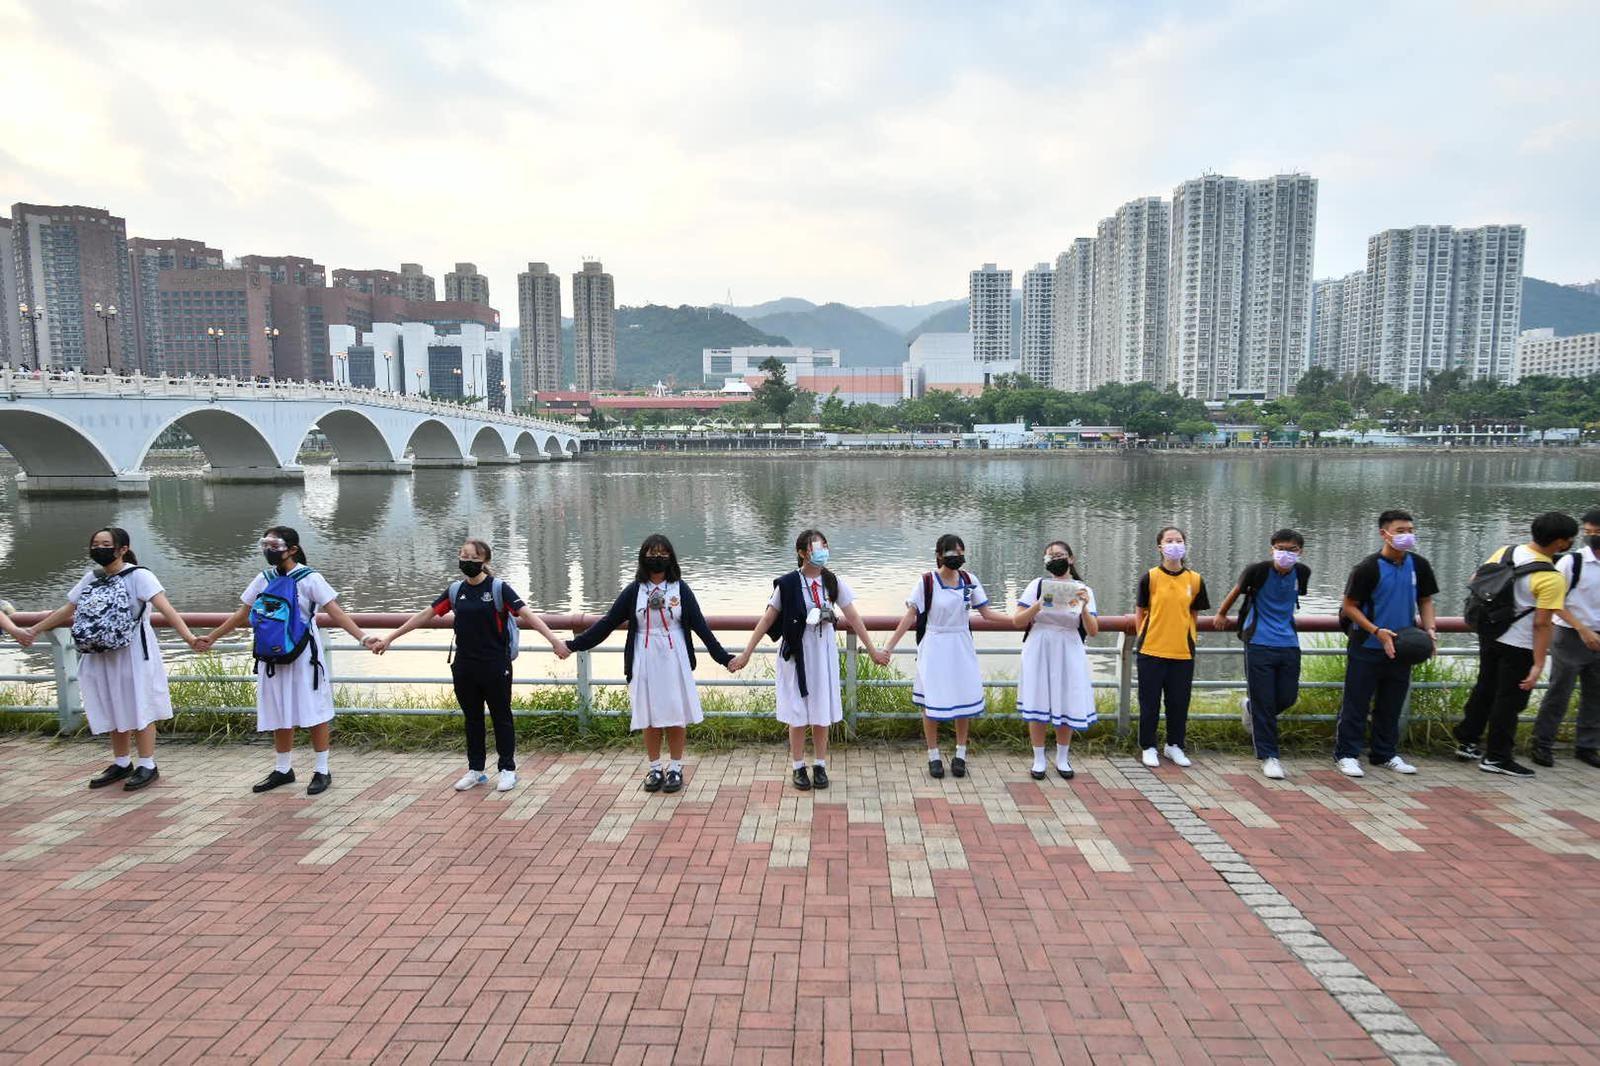 【修例风波】网民发起沙田联校人链活动 多名学生参与